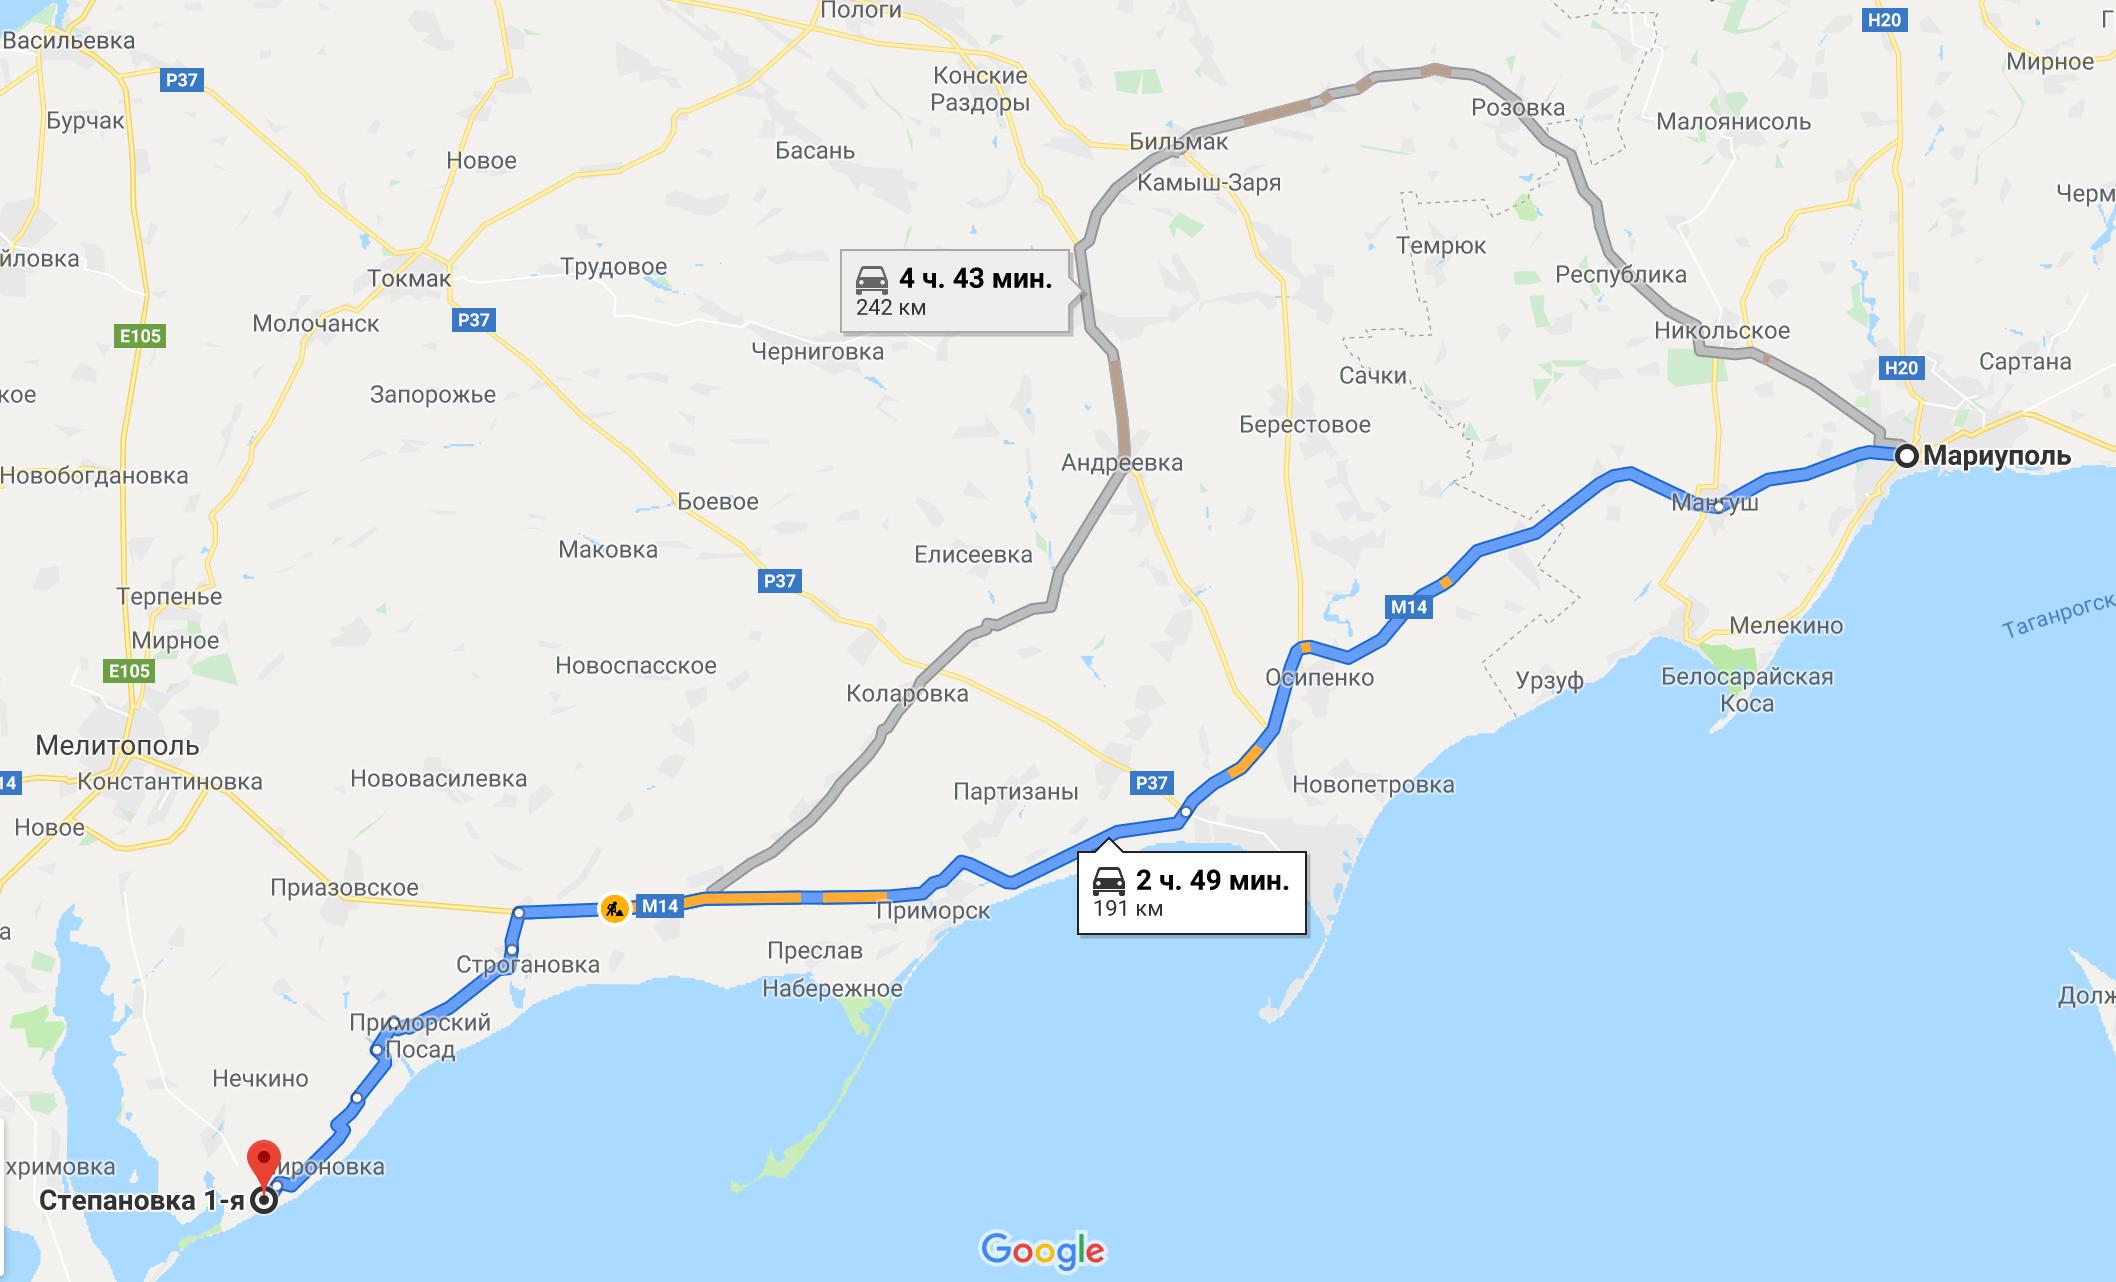 Как добраться до Степановки Первой на авто из Мариуполя